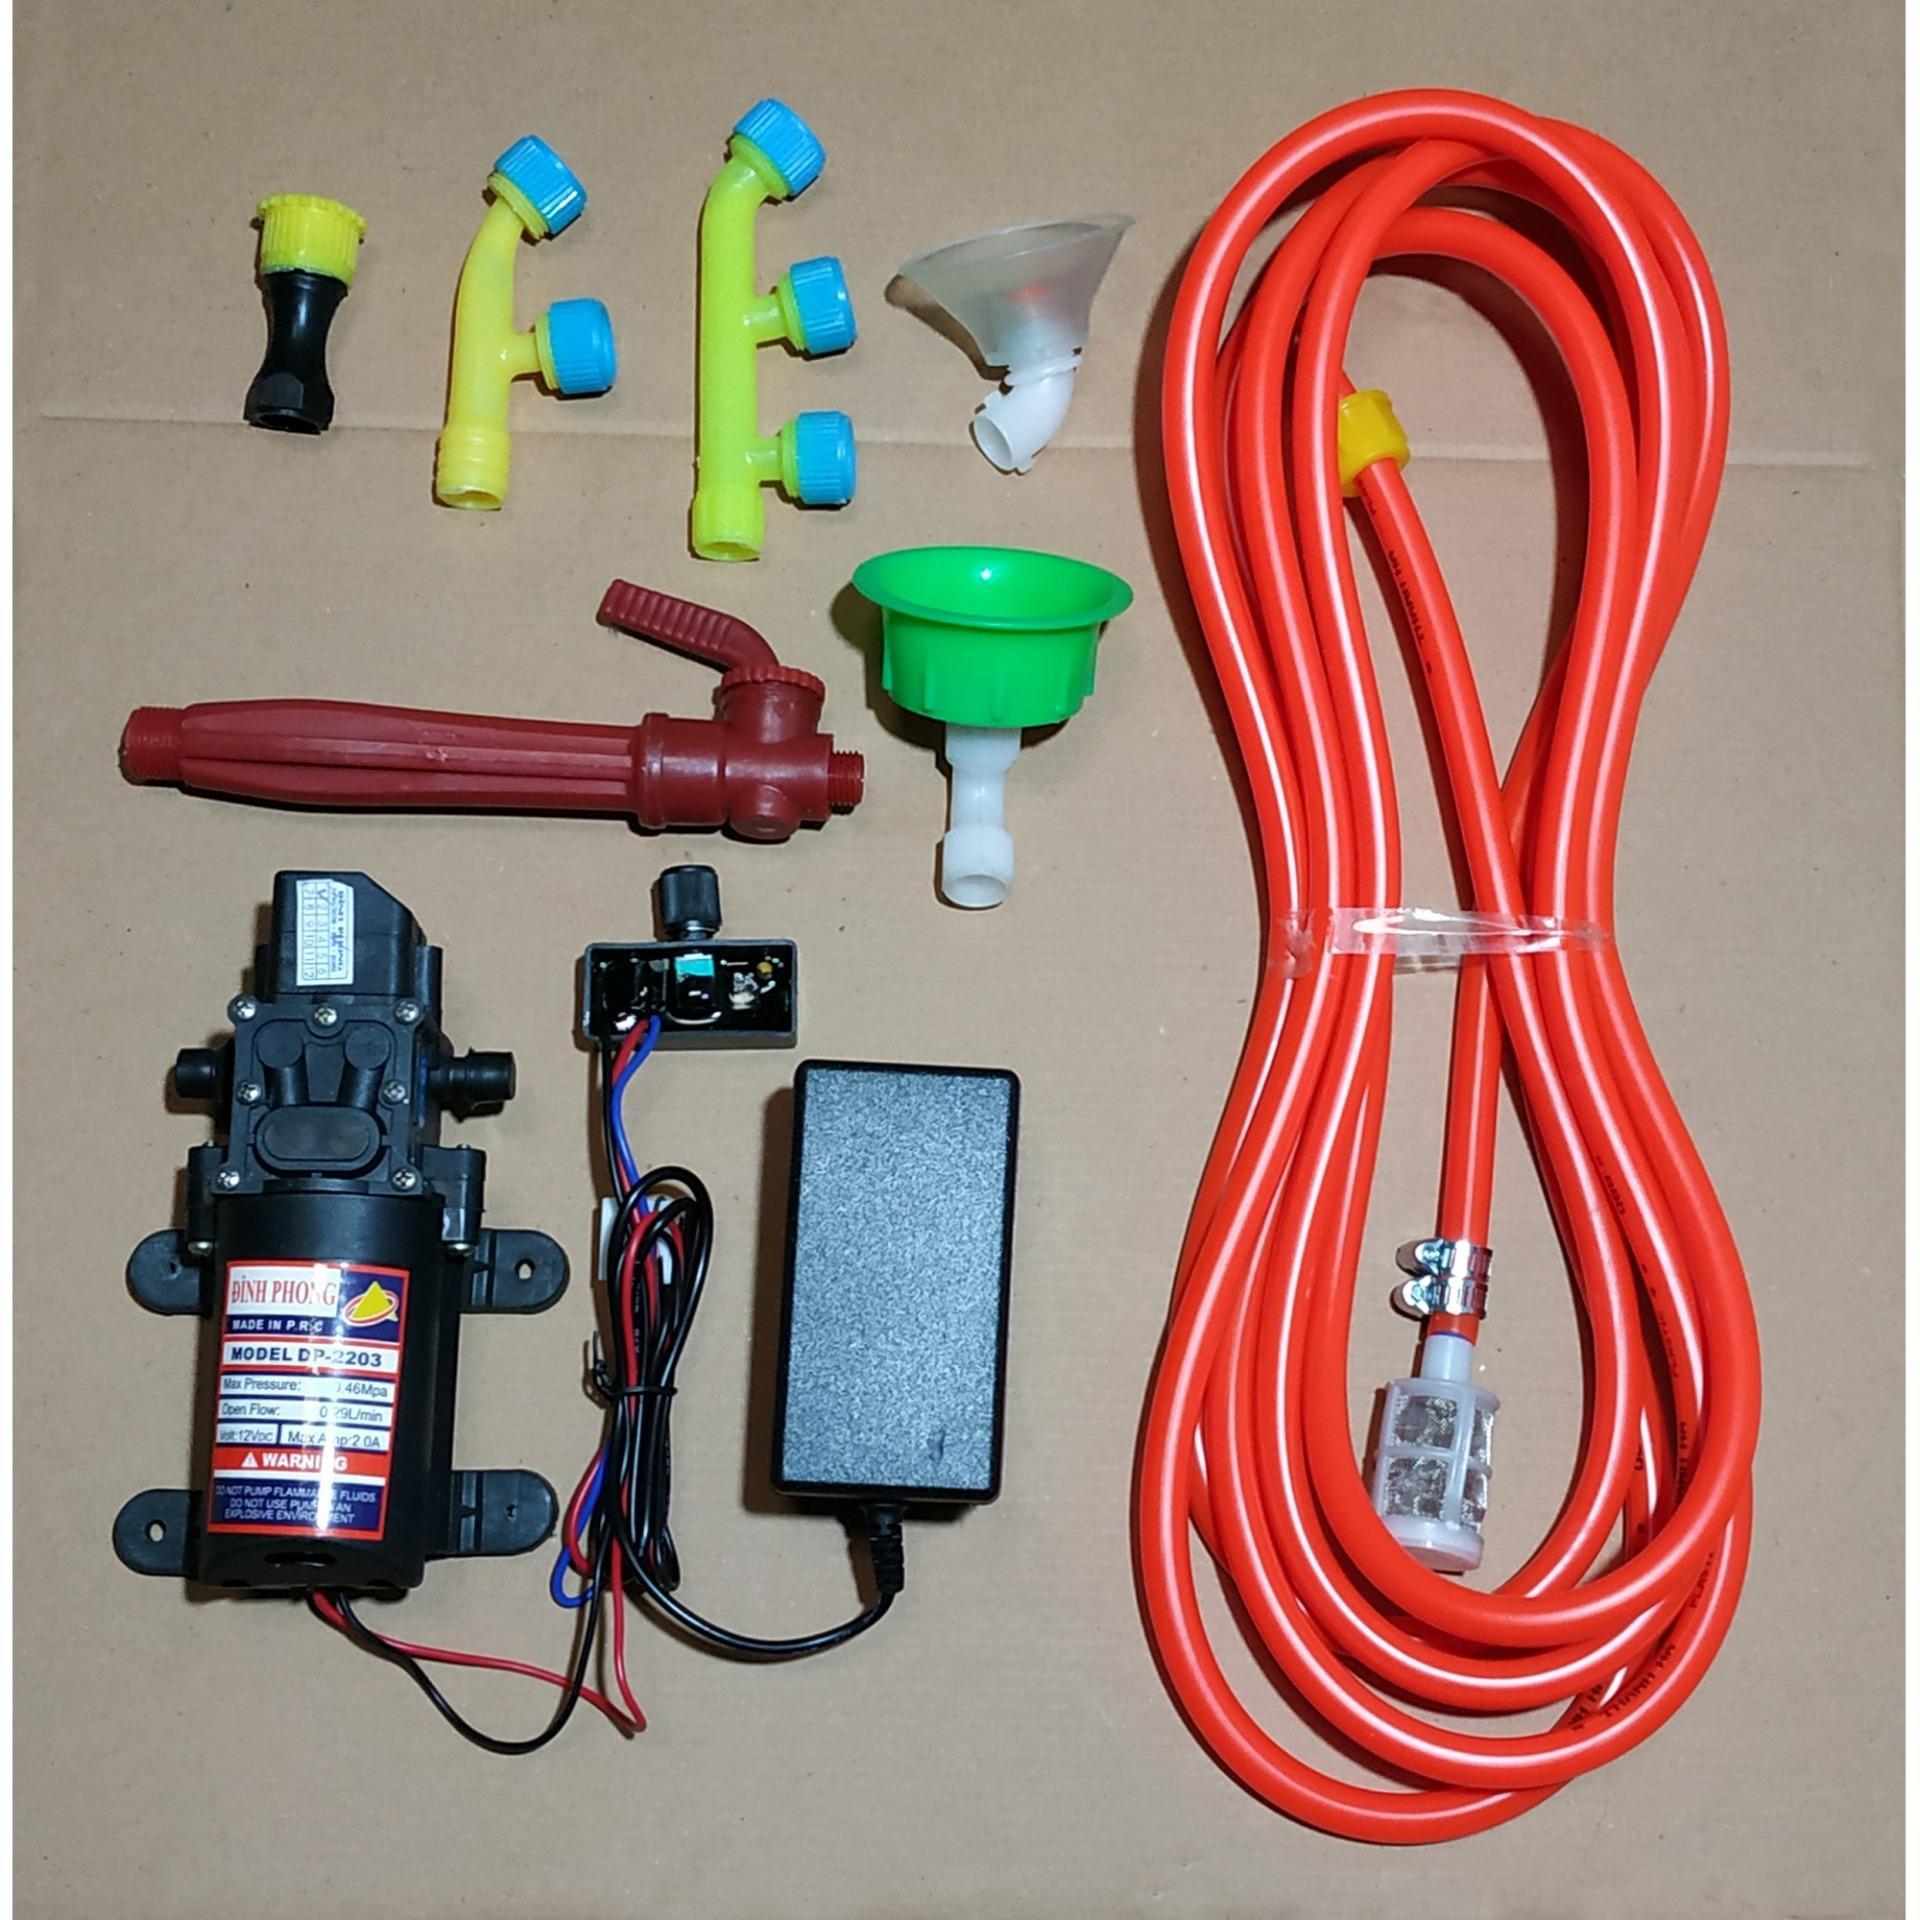 Bơm tăng áp mini tưới cây - máy bơm nước mini 12v - bơm tăng áp mini 12v